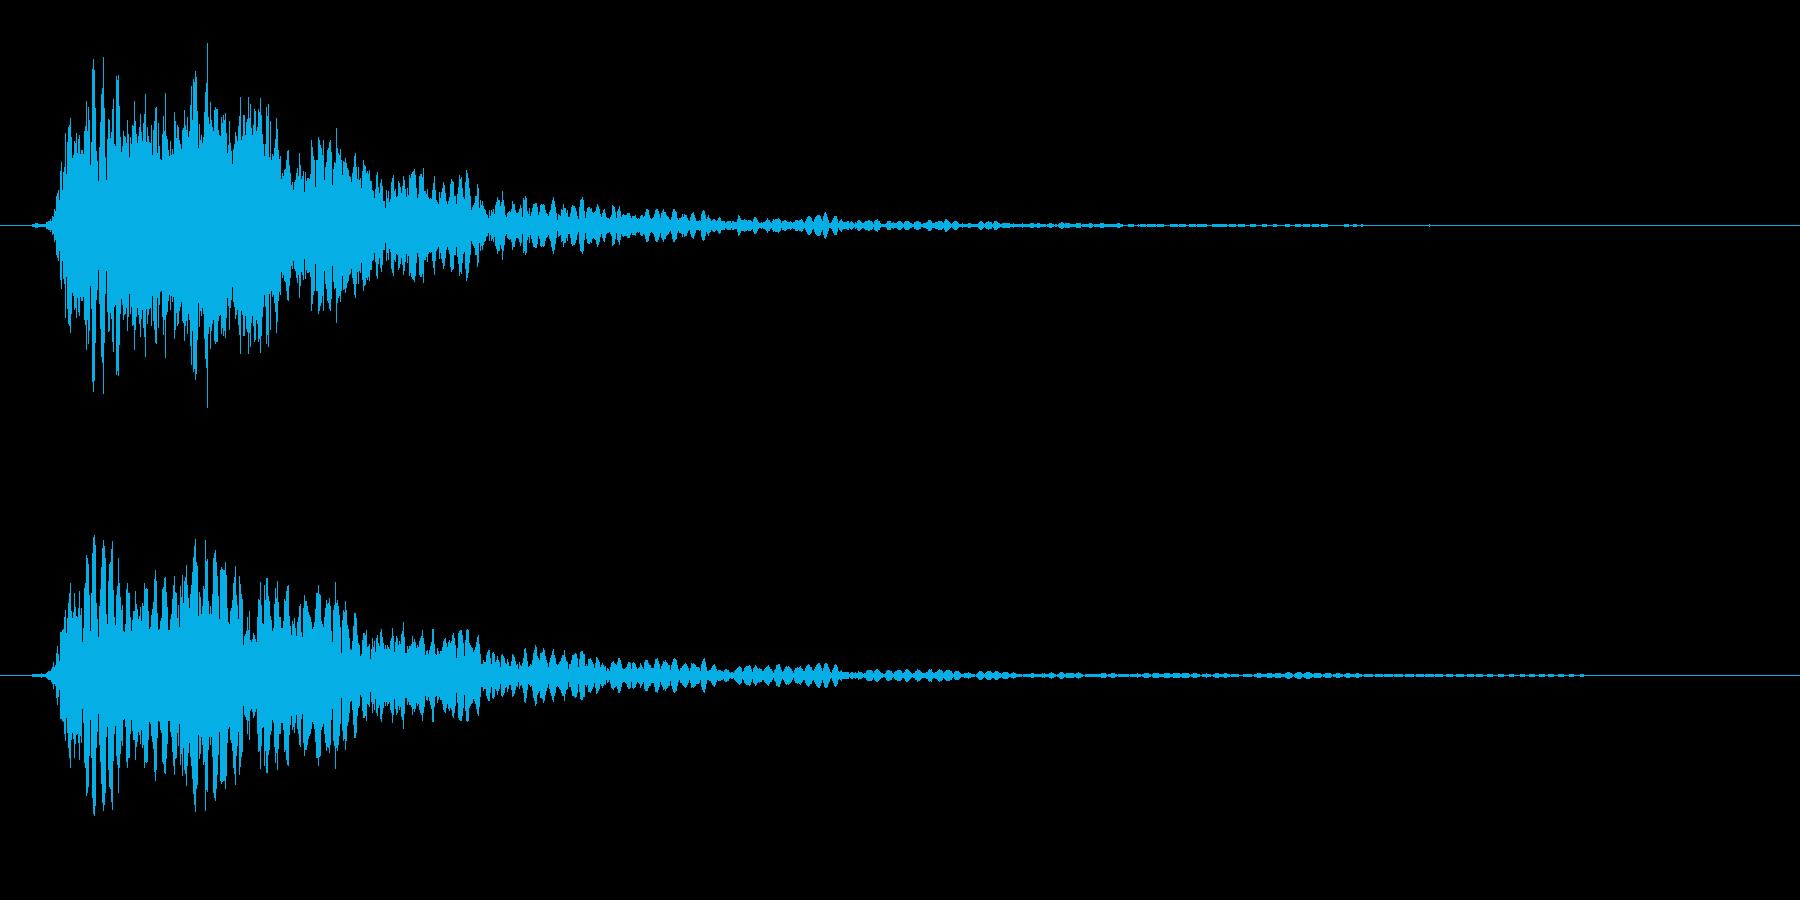 鎖などの金属的な打撃音の再生済みの波形